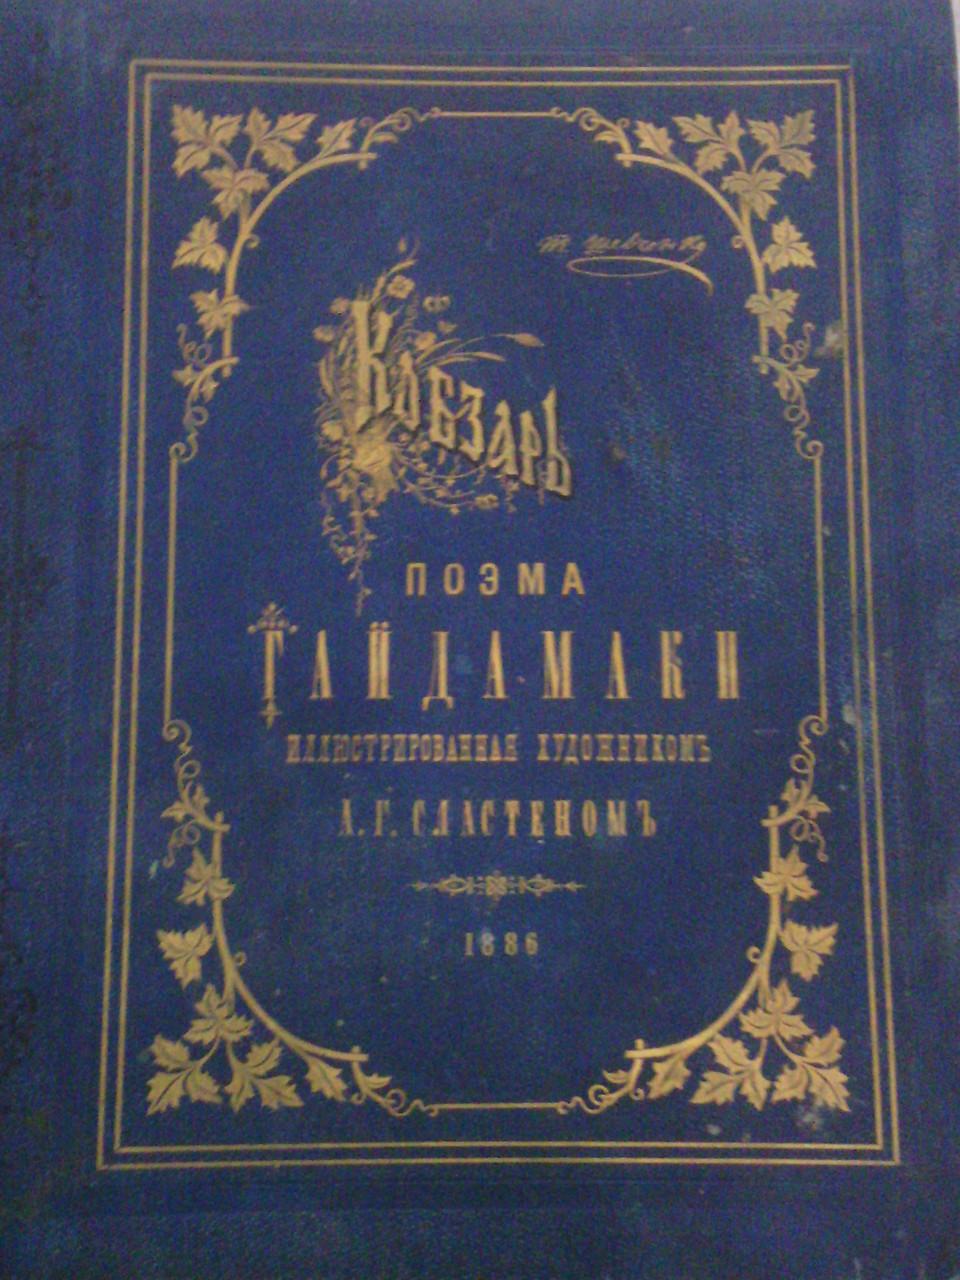 Кобзарь поэма Гайдамаки Т.Шевченко 1886 год подарочное иллюстрированое  художником А.Сластёном издание